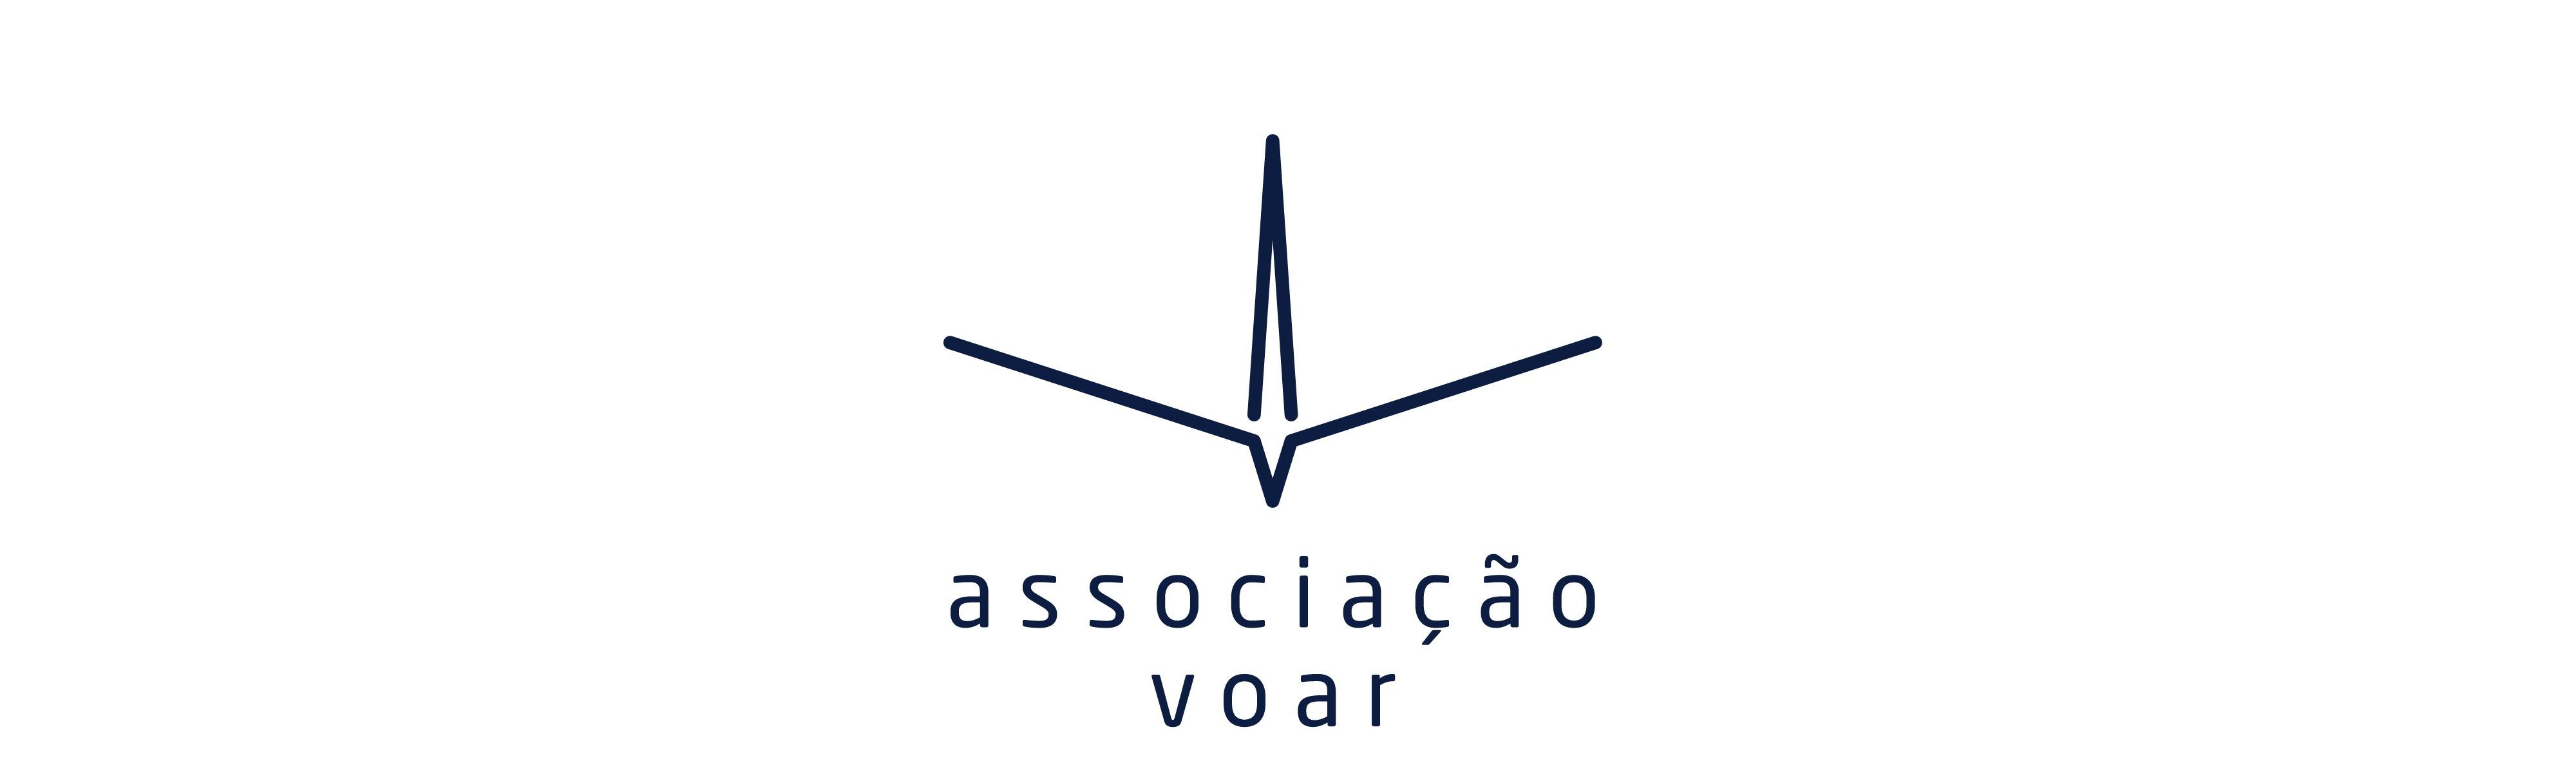 Mecânico de Aeronaves- Associação Voar - 2019